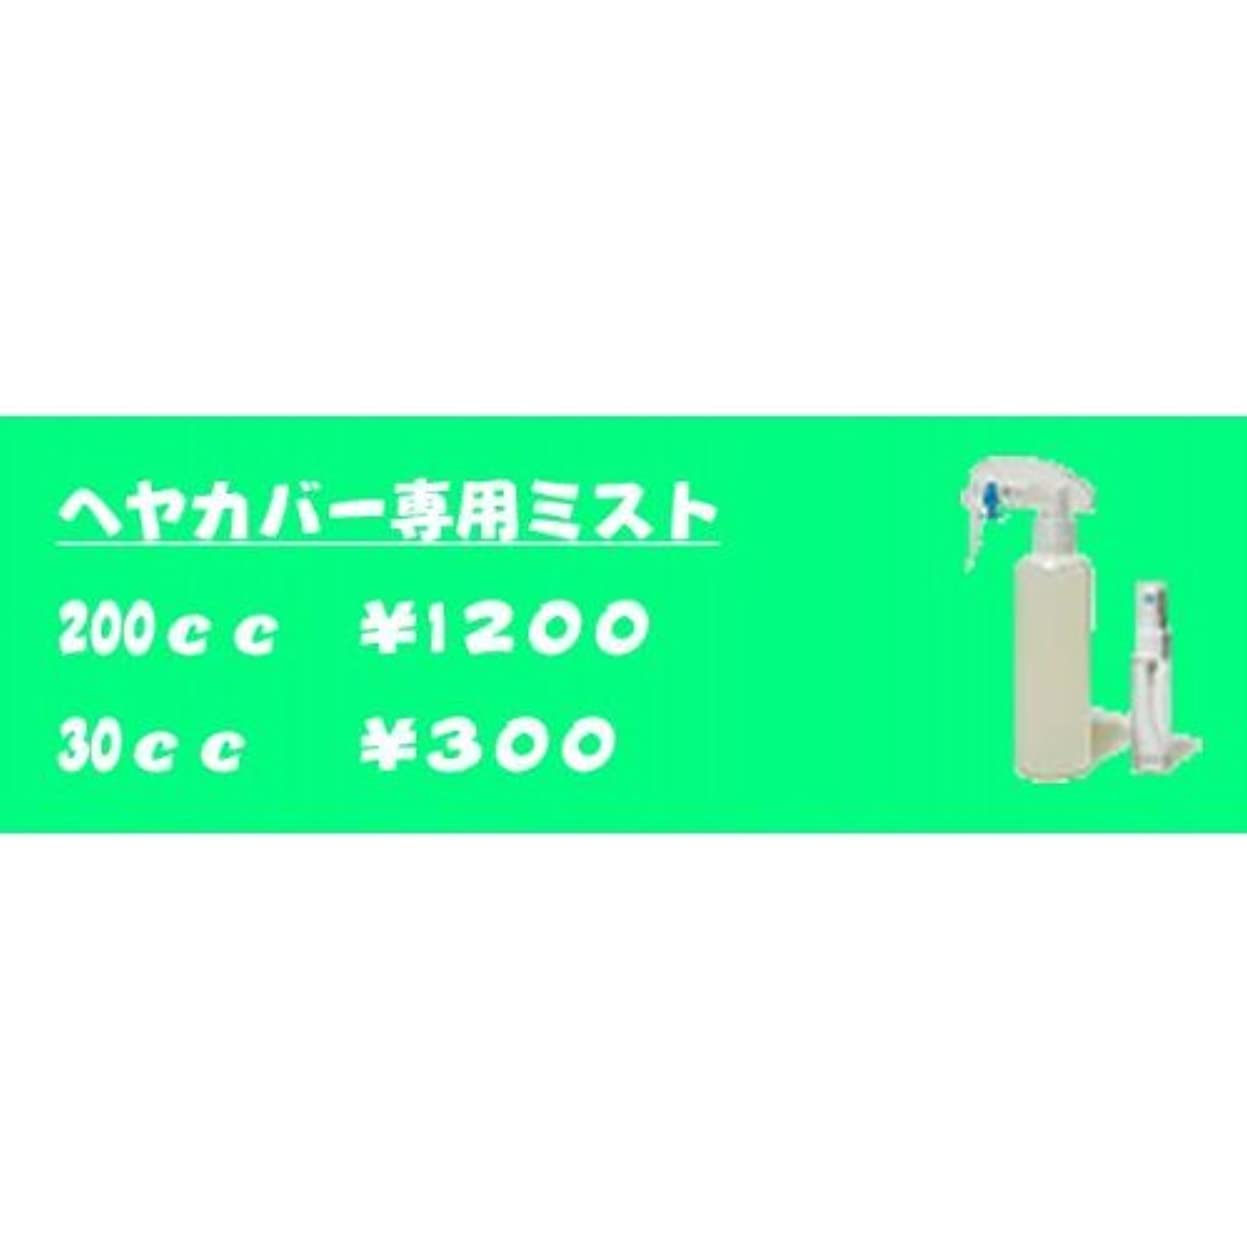 キッチンミリメートル大学院男女兼用?増毛ヘアカバー専用ミスト(200cc)